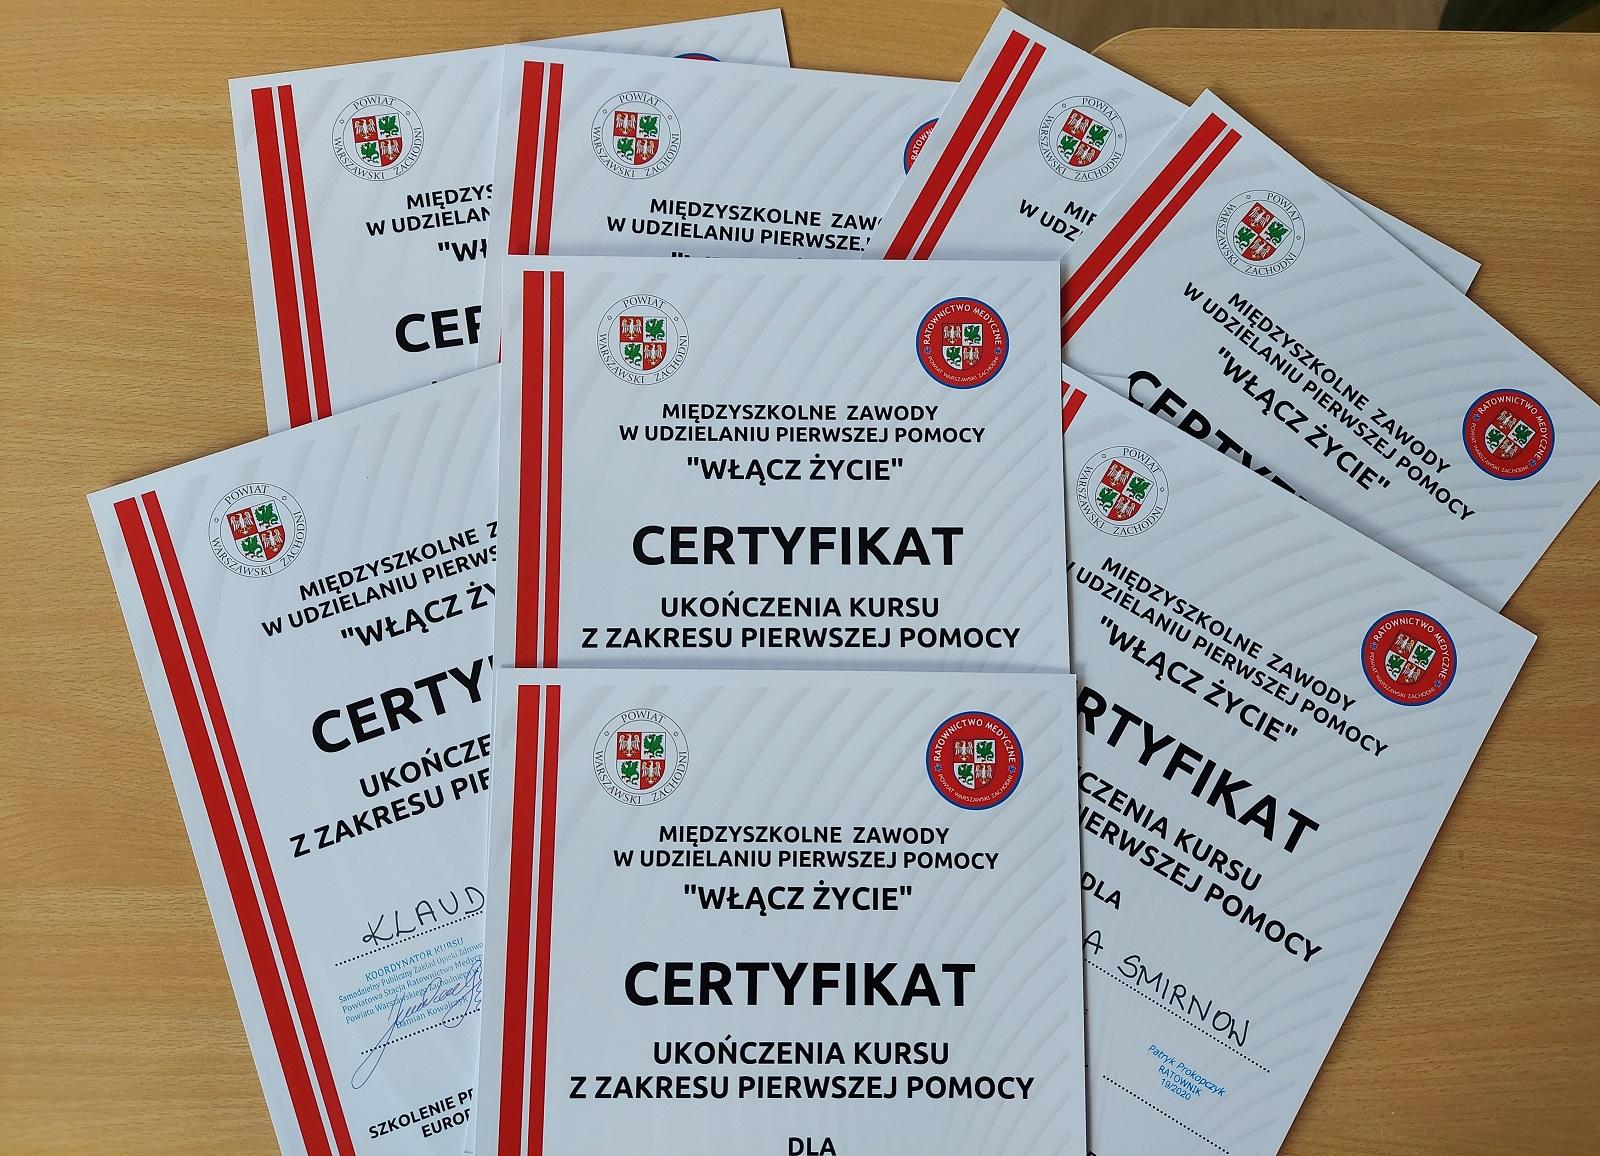 certyfikaty uczestników kursu